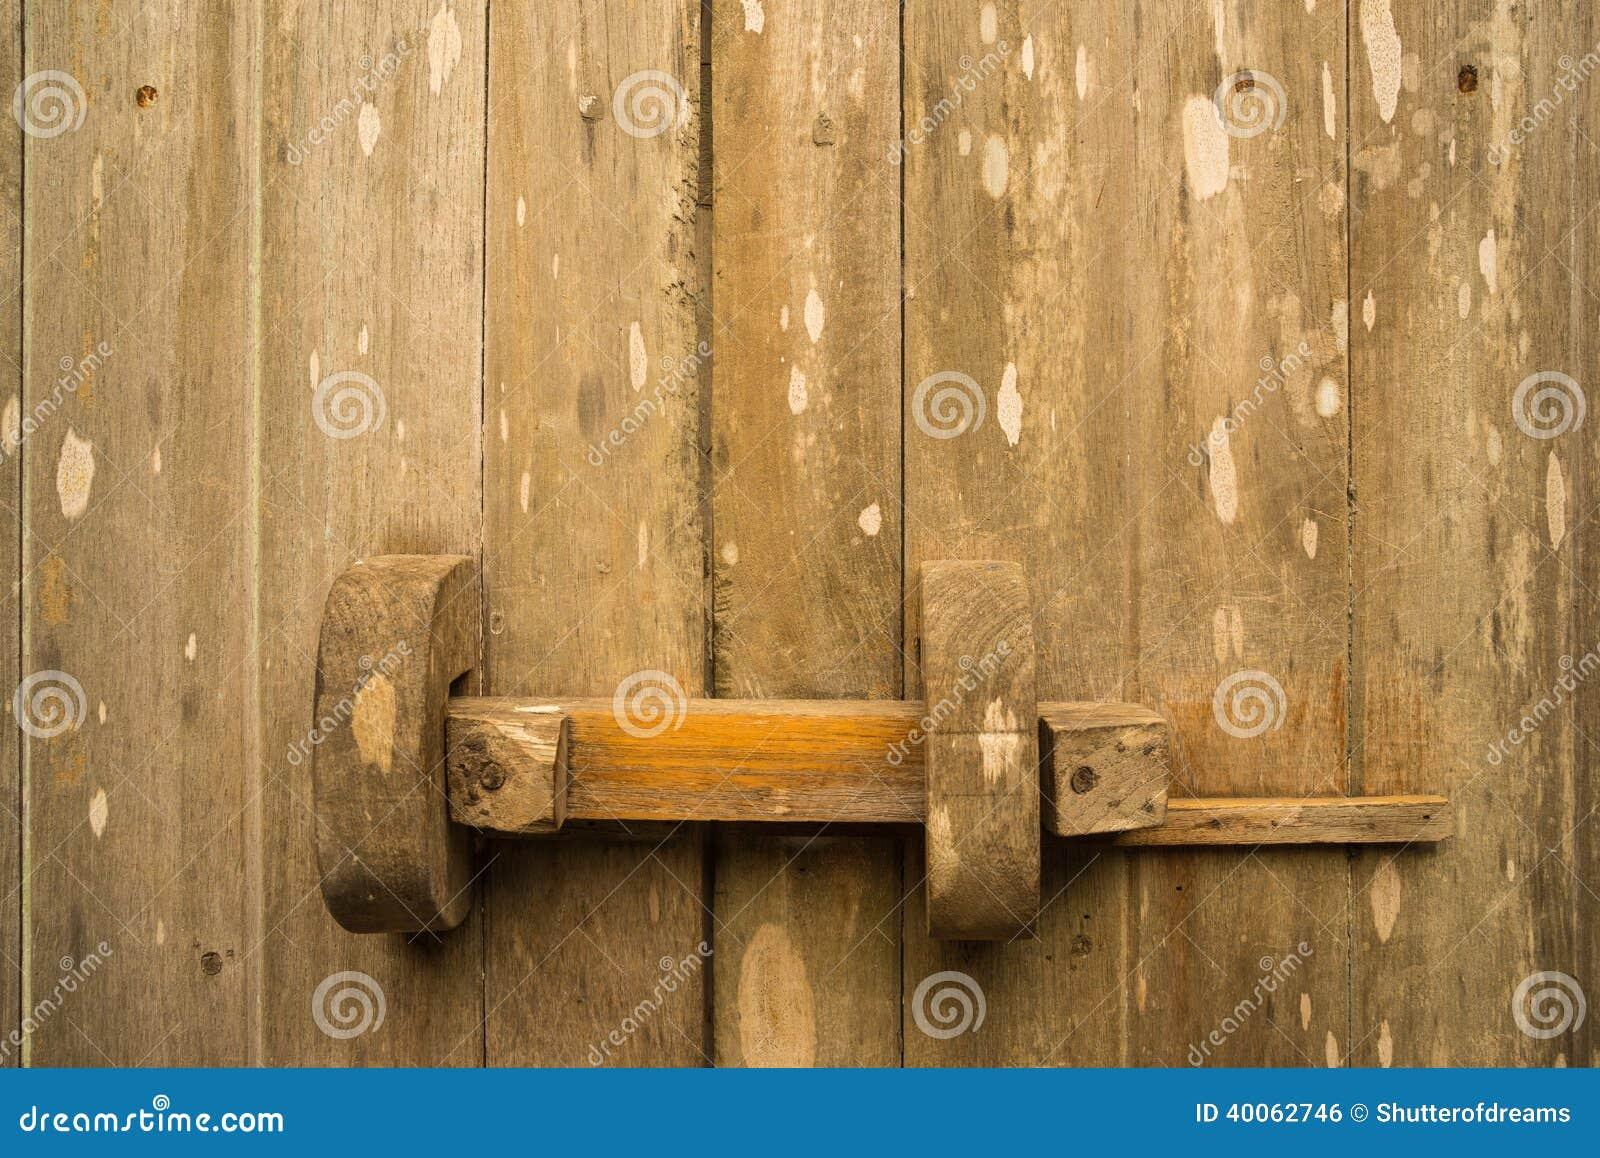 teak wood traditional door stock photo   image 40062746